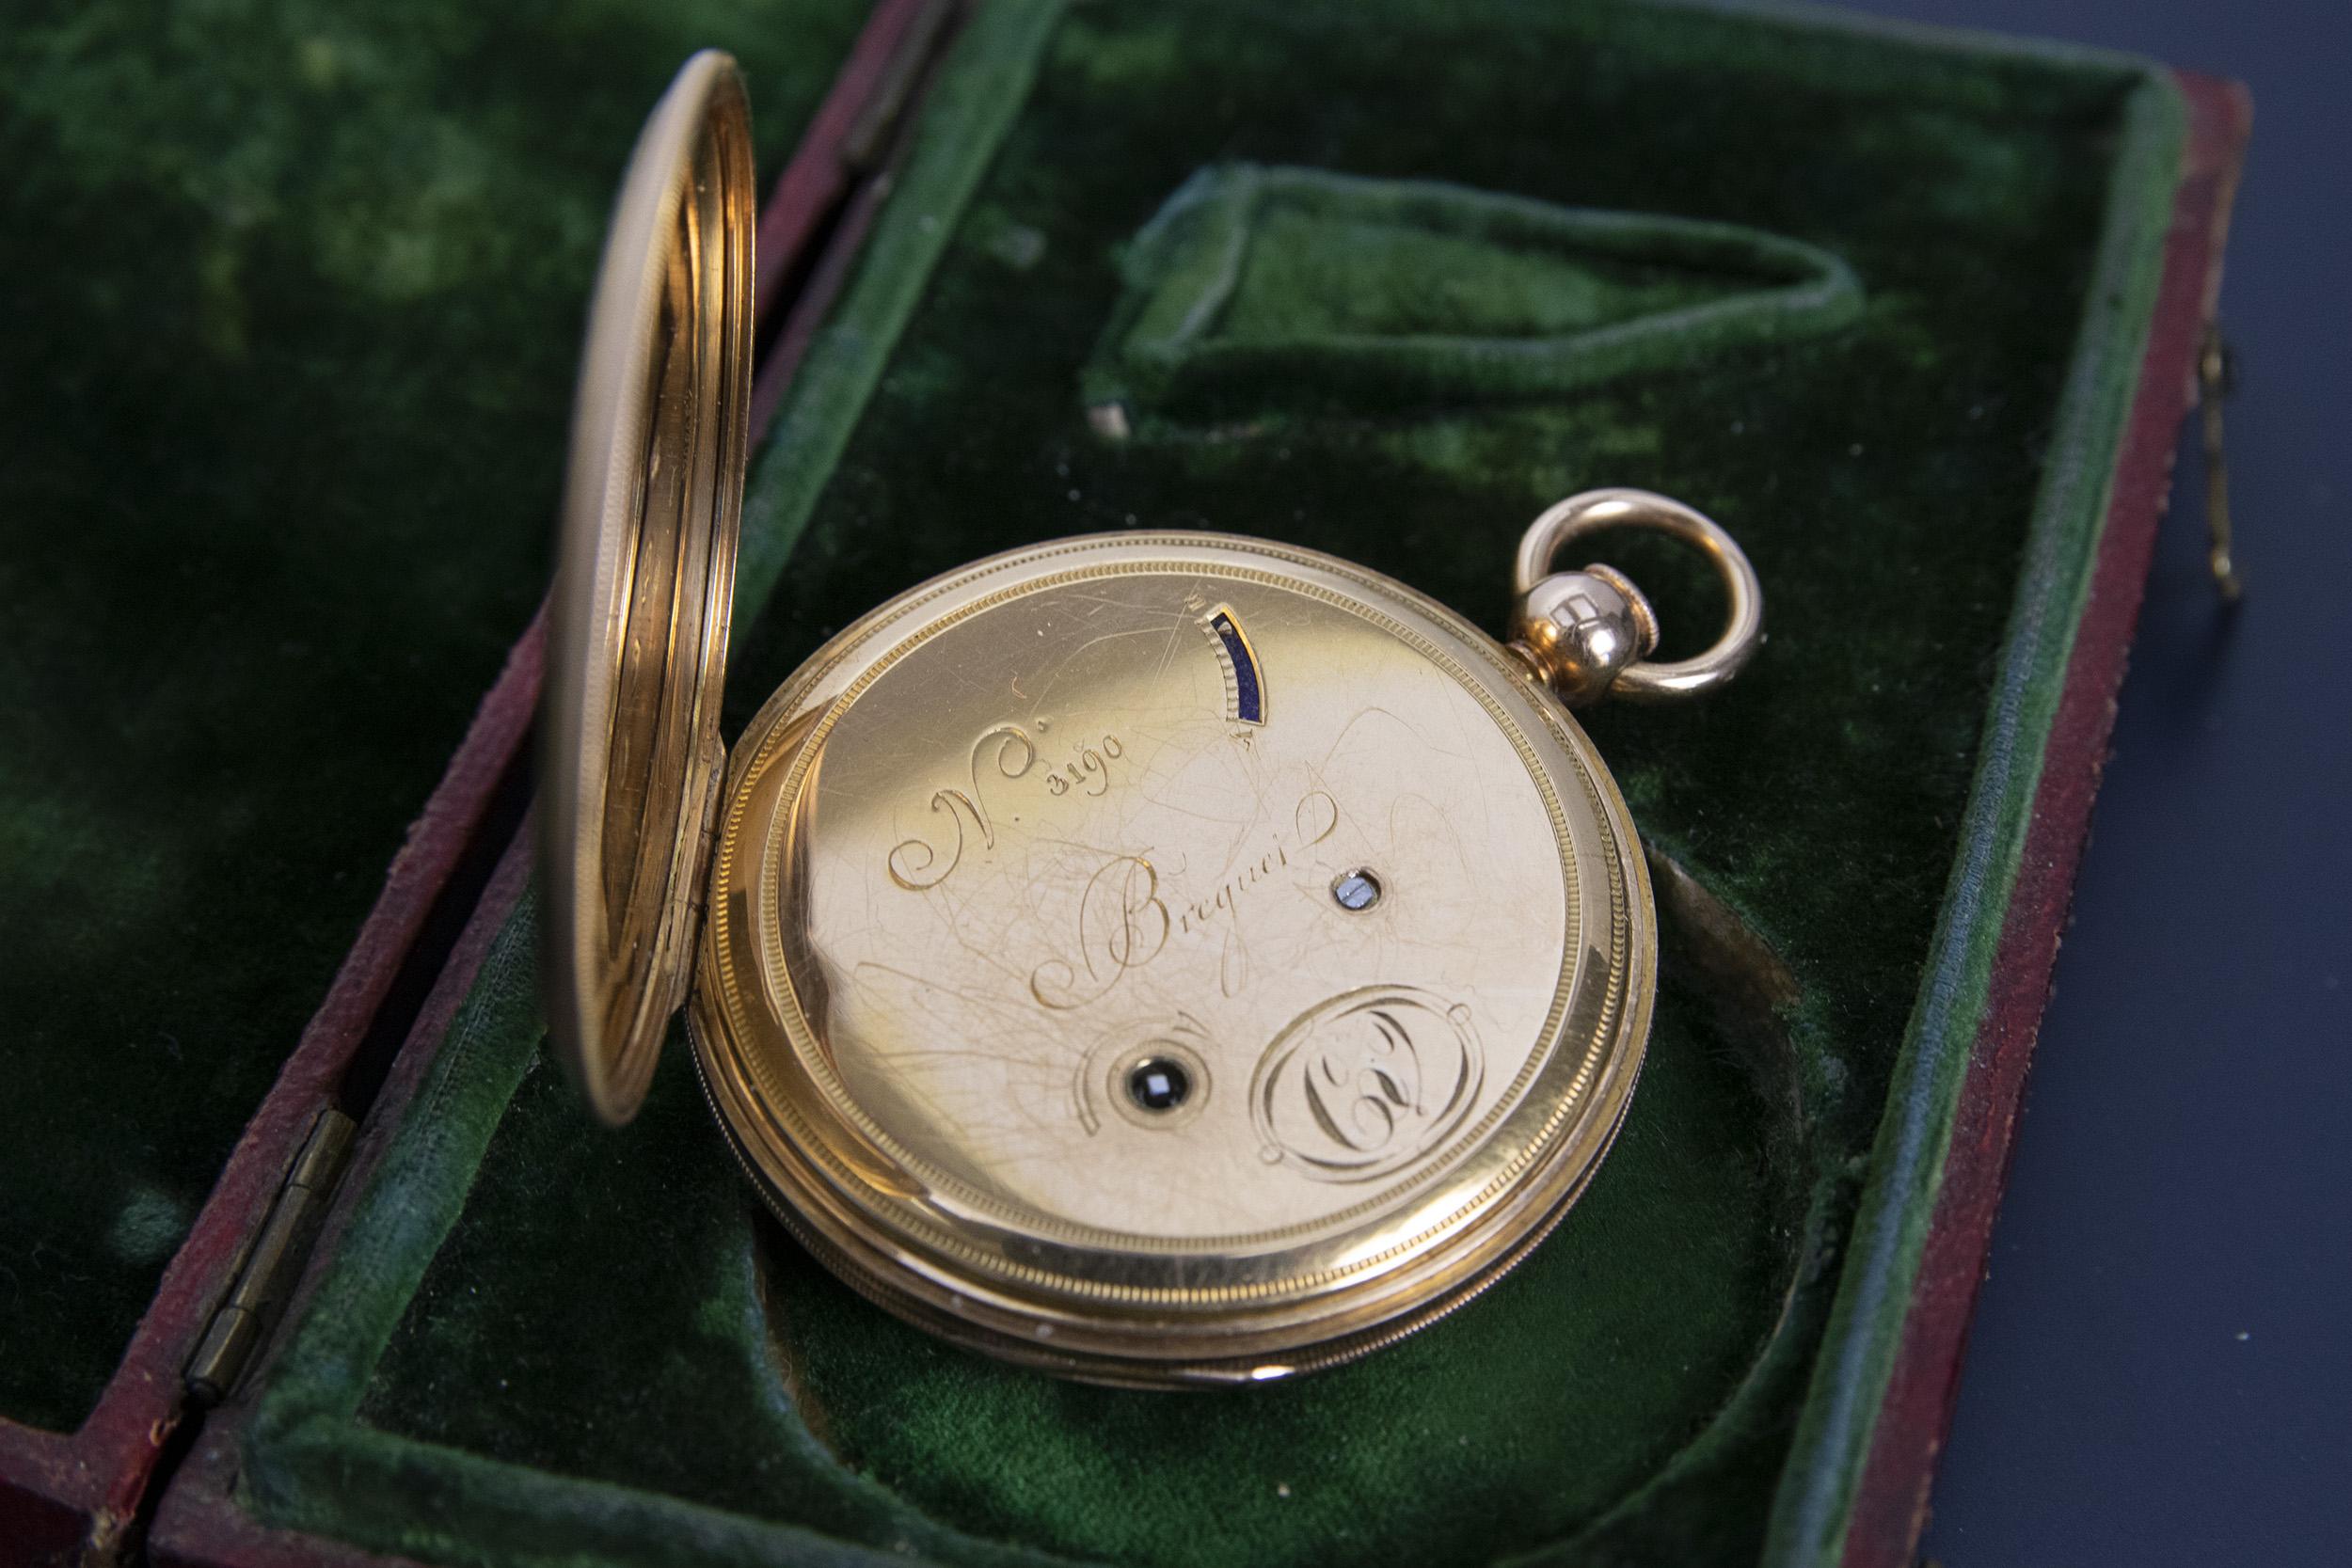 Breguet N°3190, vendue en 1819 au Baron de Vietinghoff 33997282418_f53fcb1e0c_o